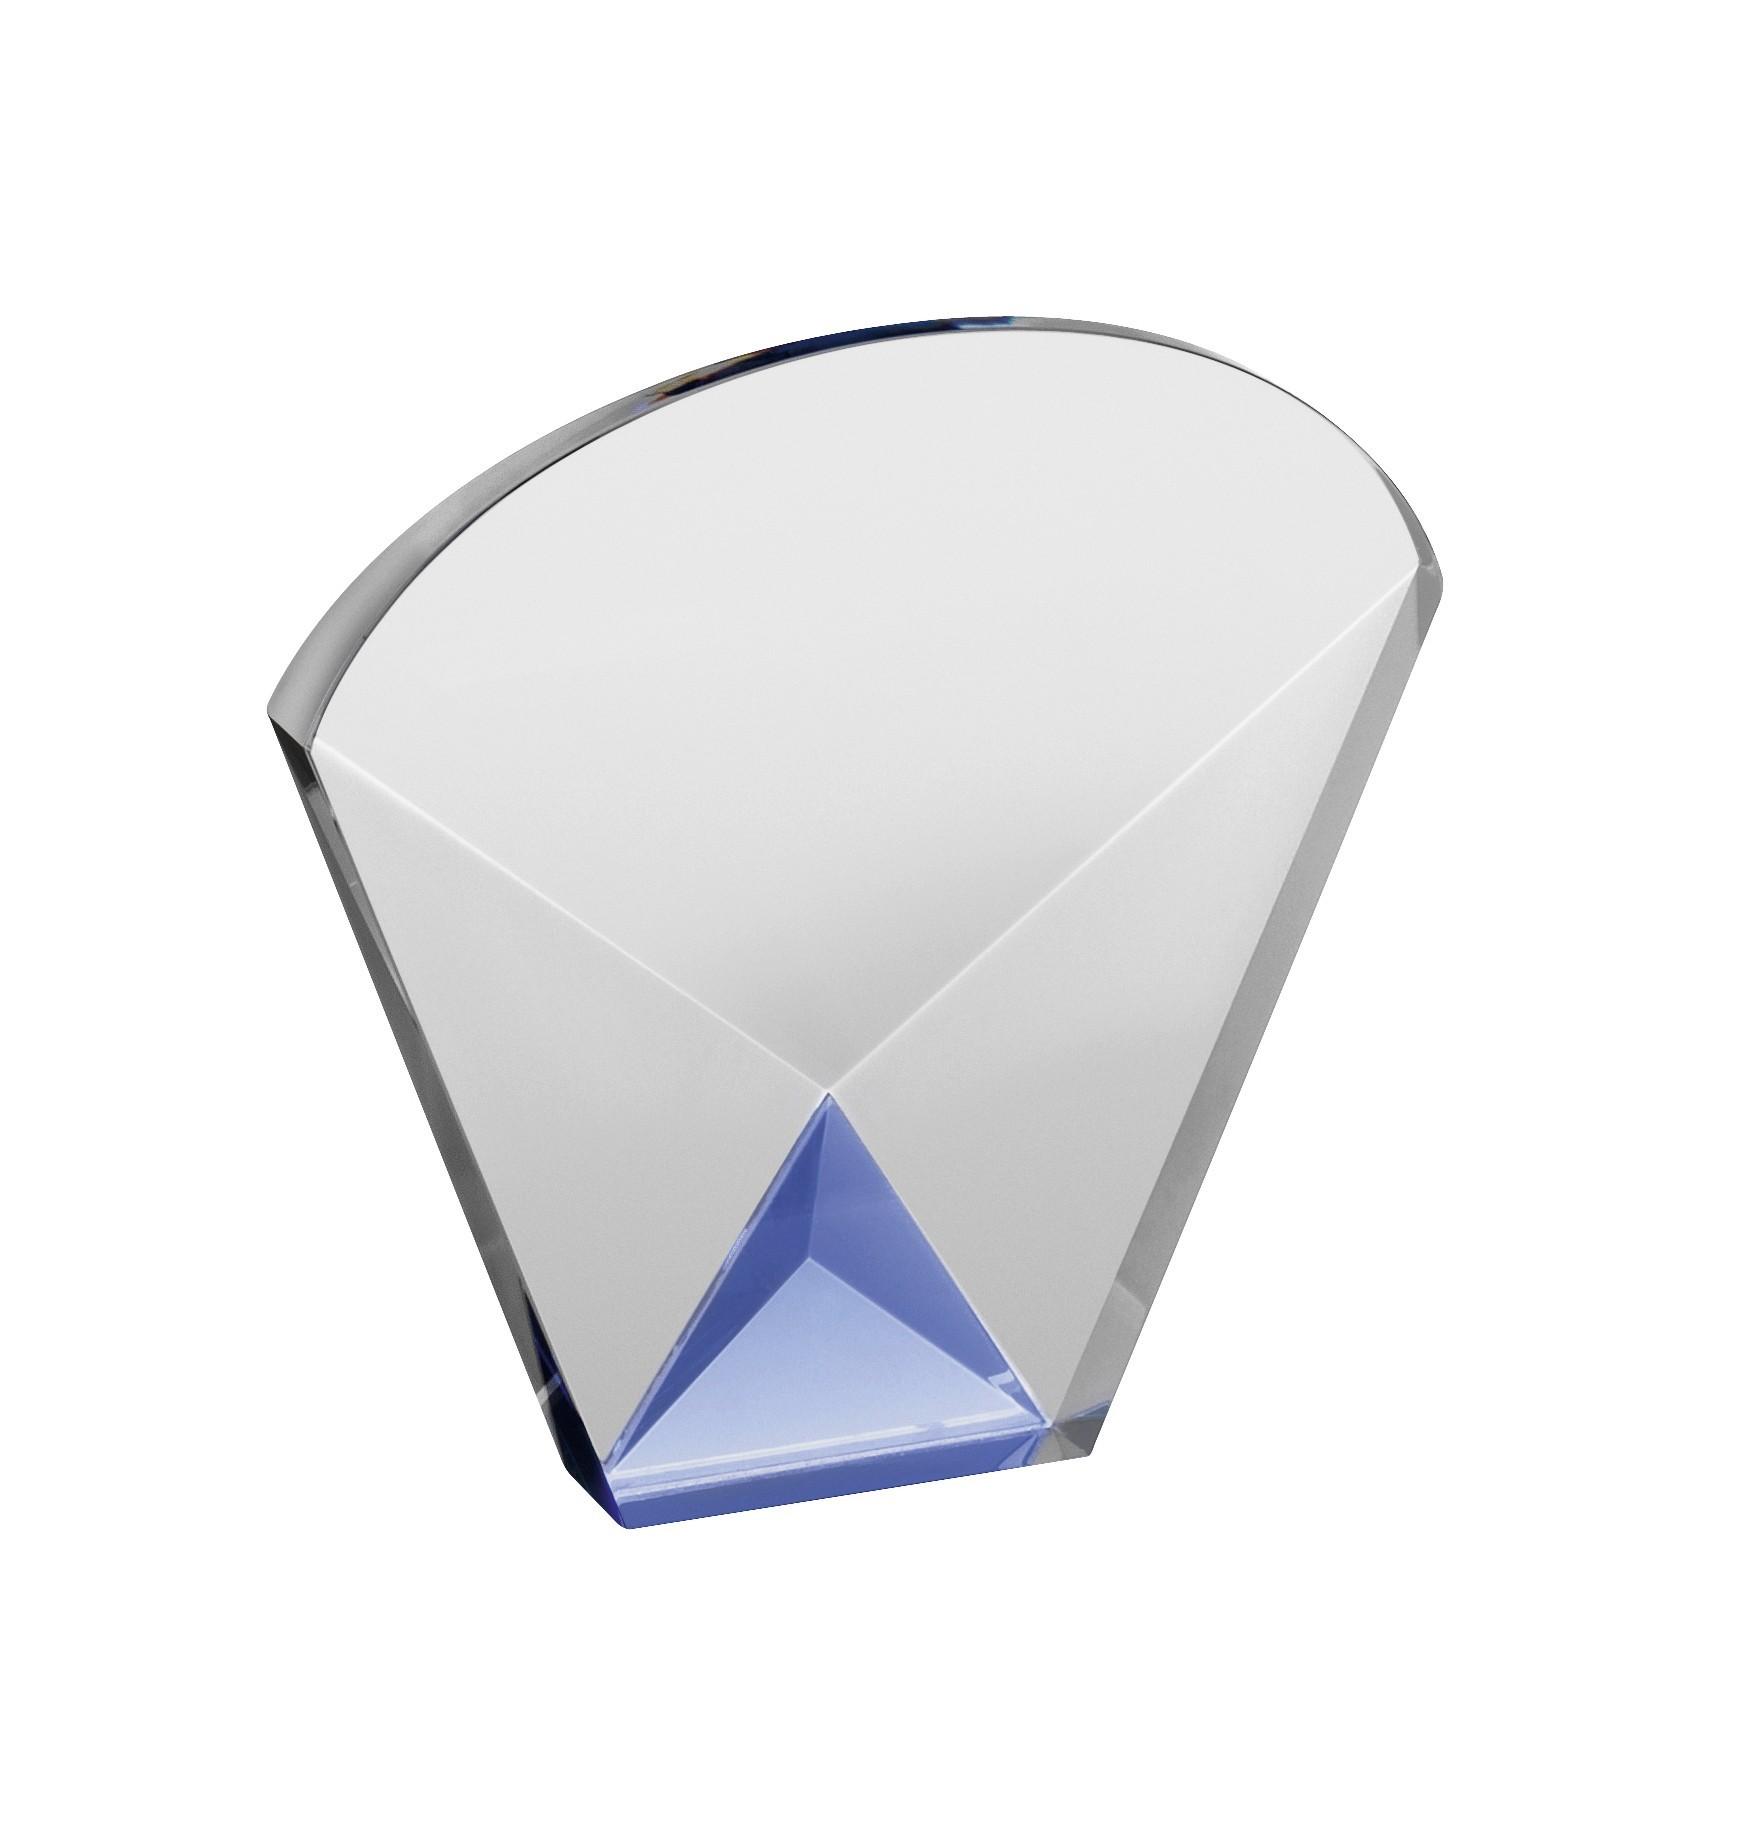 LG 12cm Crystal Award Boxed